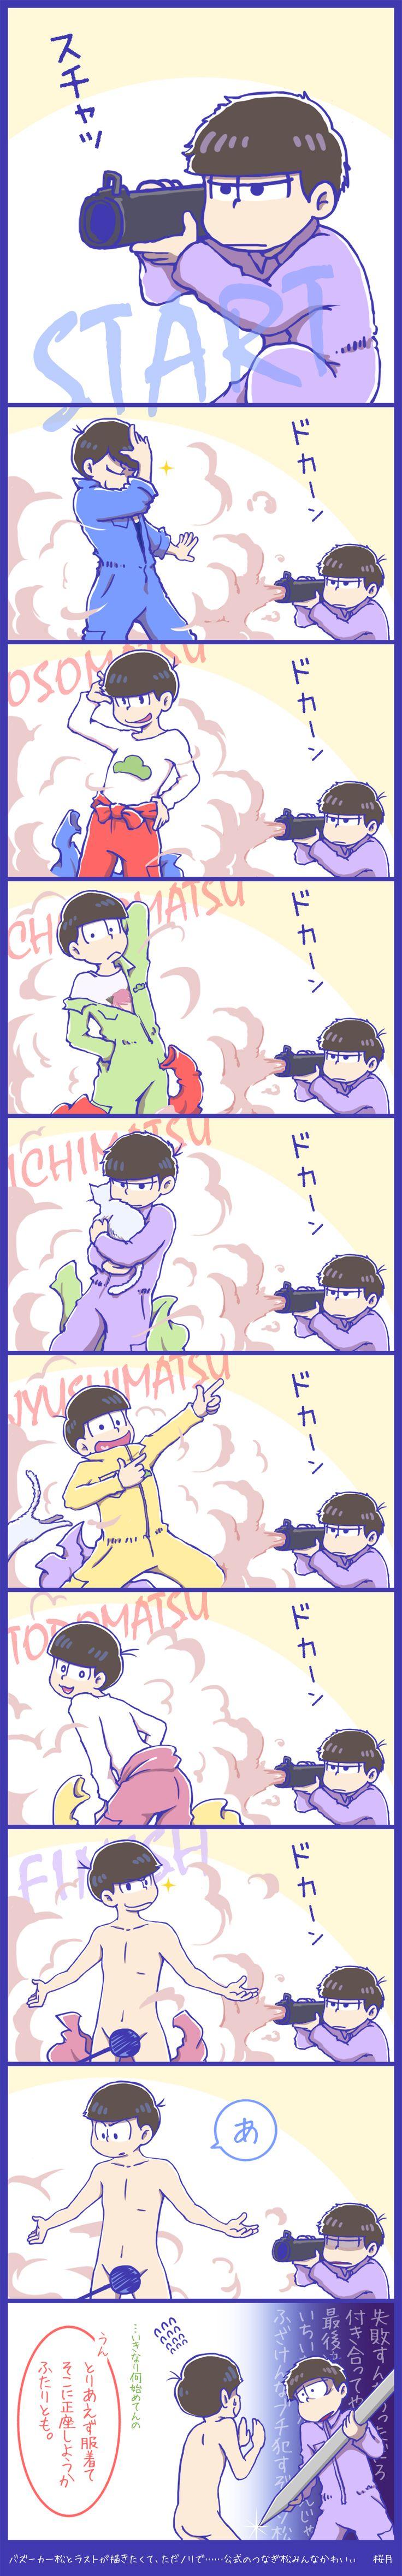 「色松の早着替えチャレンジ!」/「さくらづき」の漫画 [pixiv]